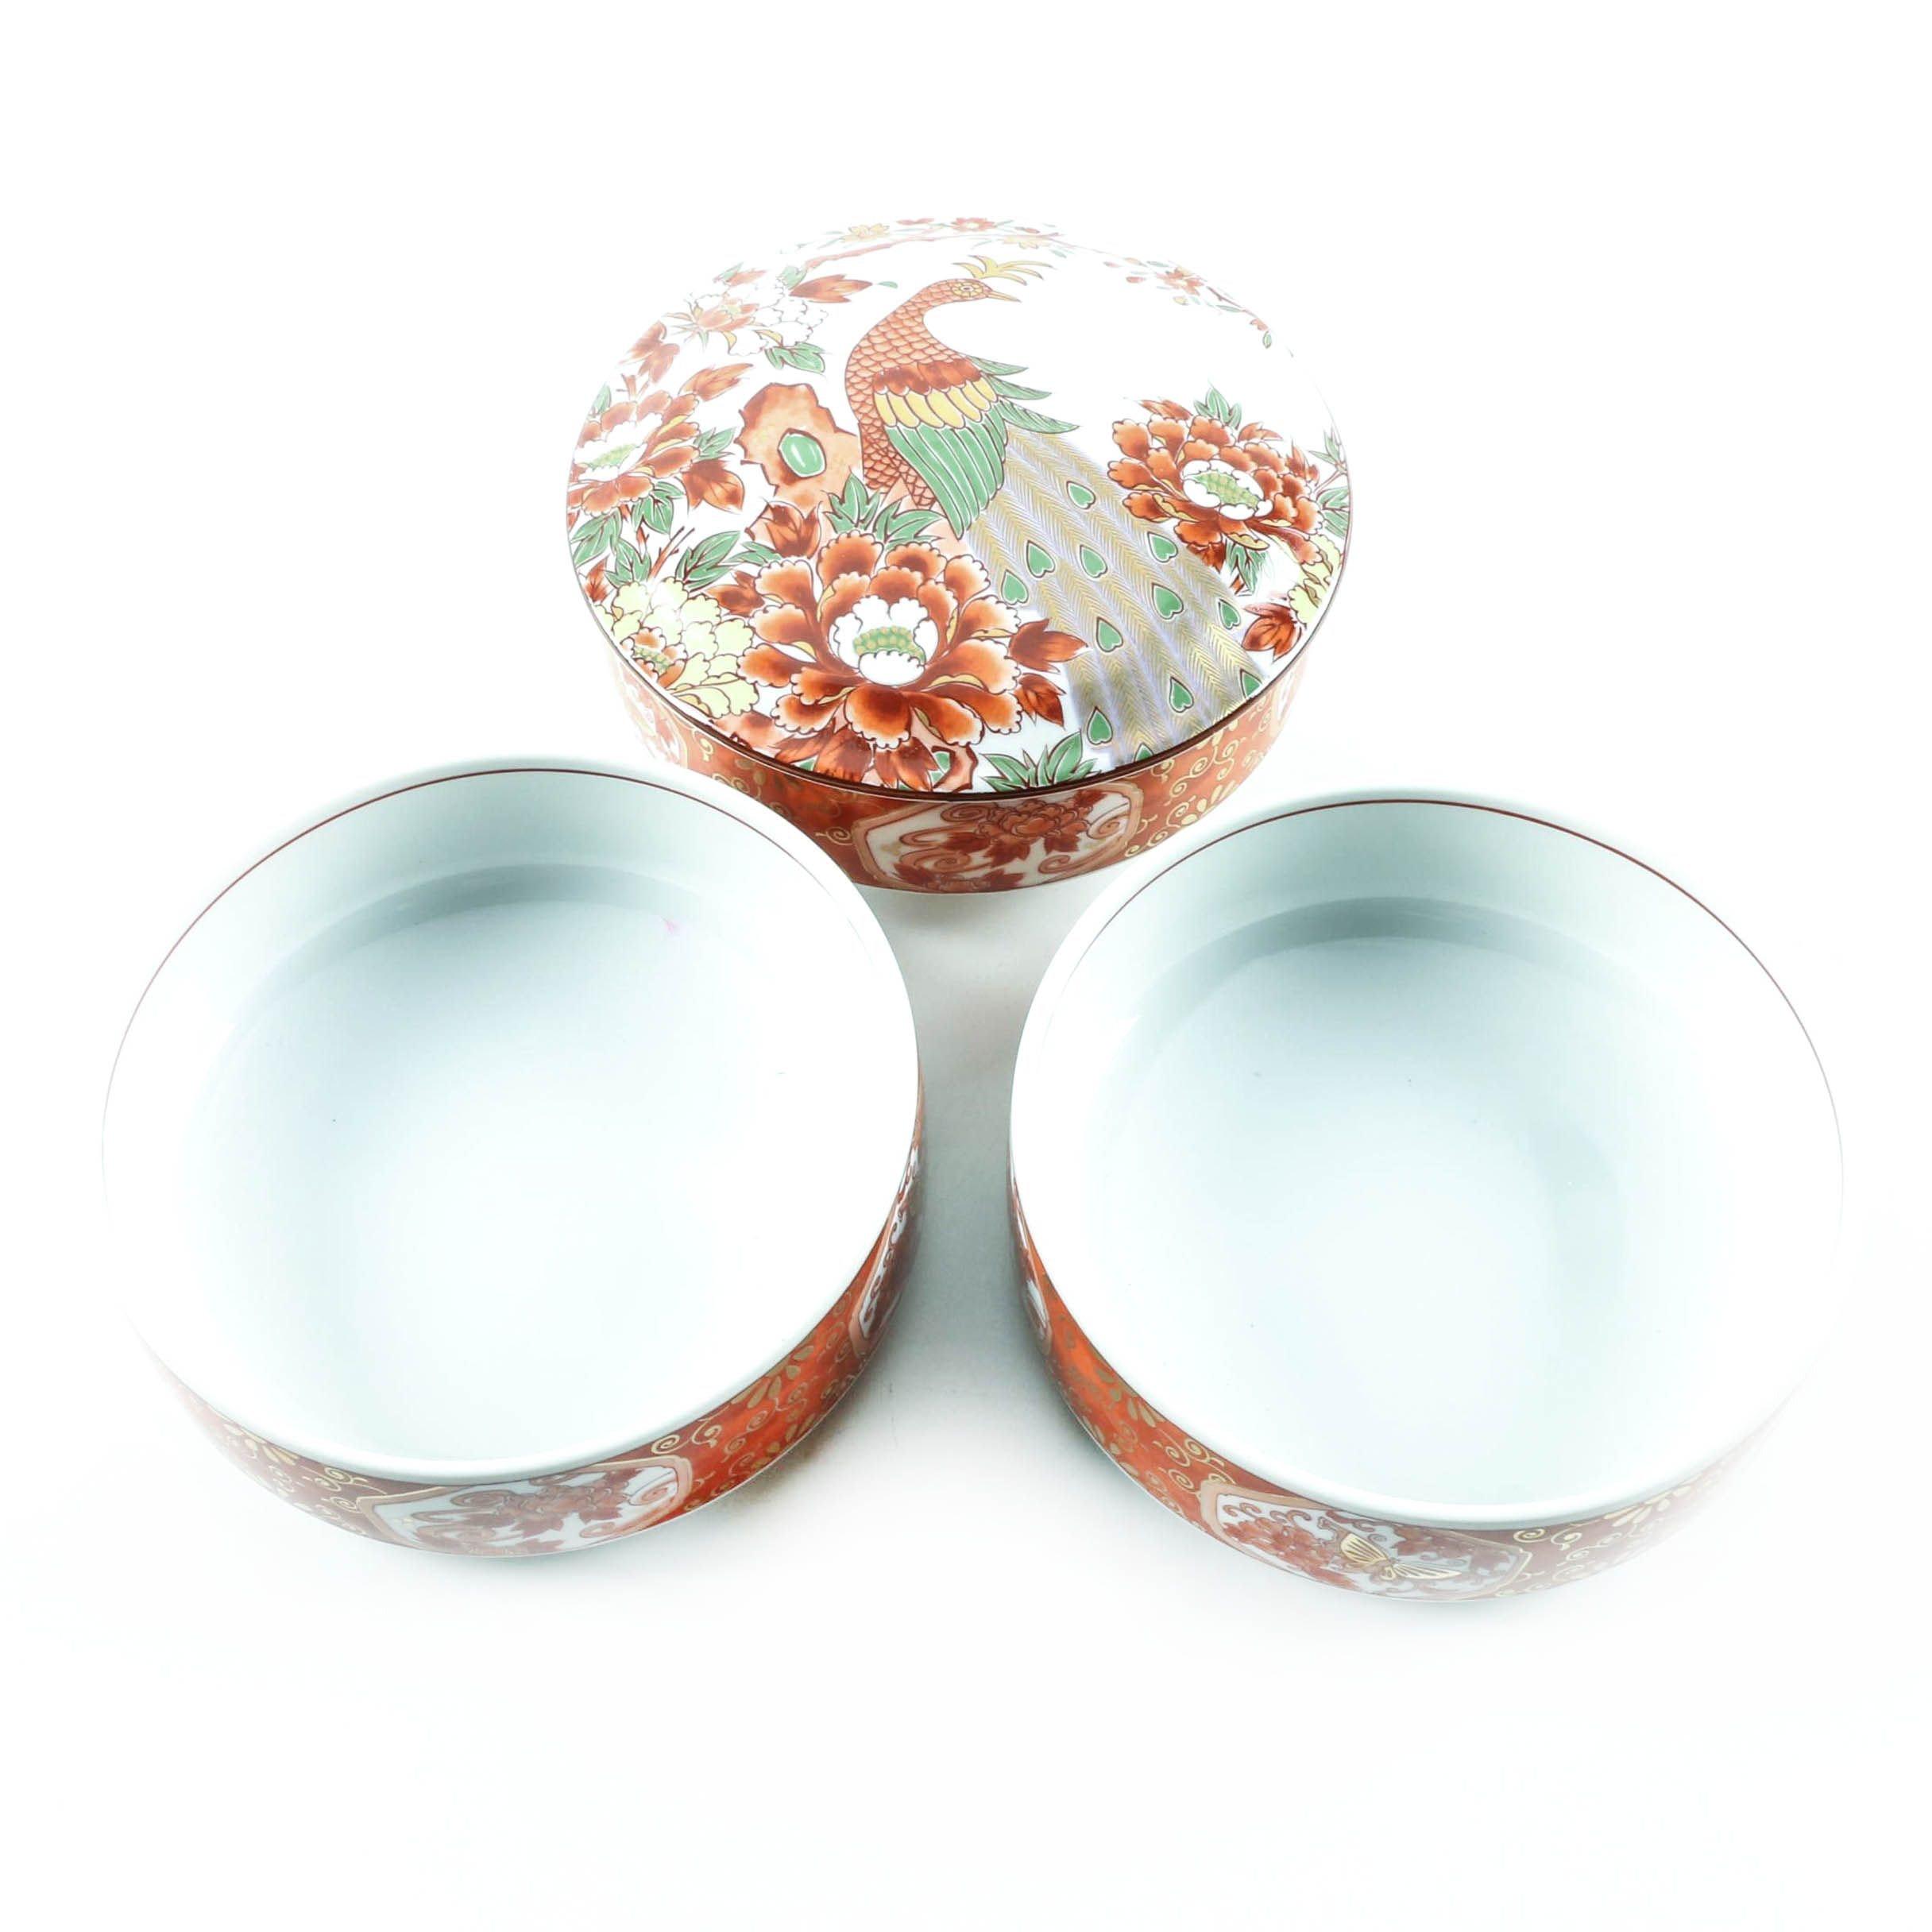 Japanese Otagari Stacked Porcelain Bowls